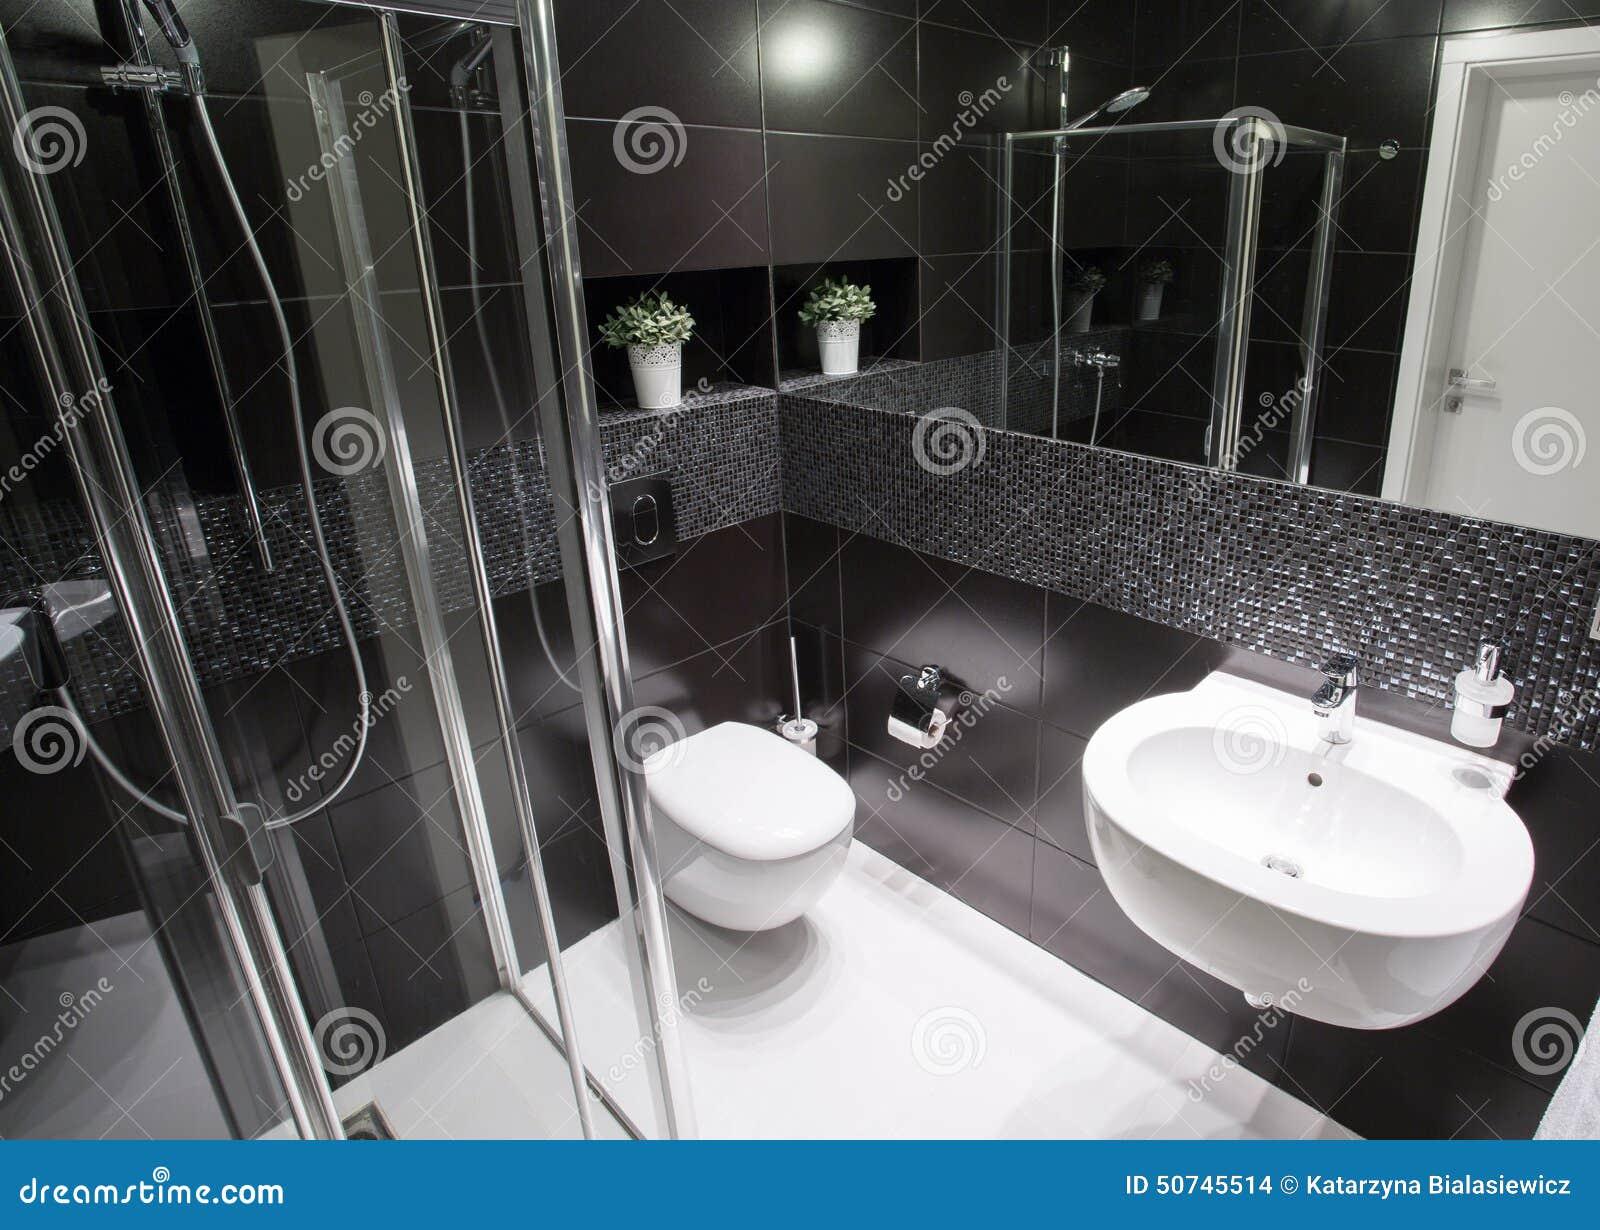 Cuartos De Baño Con Ducha Fotos:Cuarto De Baño De Lujo Con La Ducha Foto de archivo – Imagen